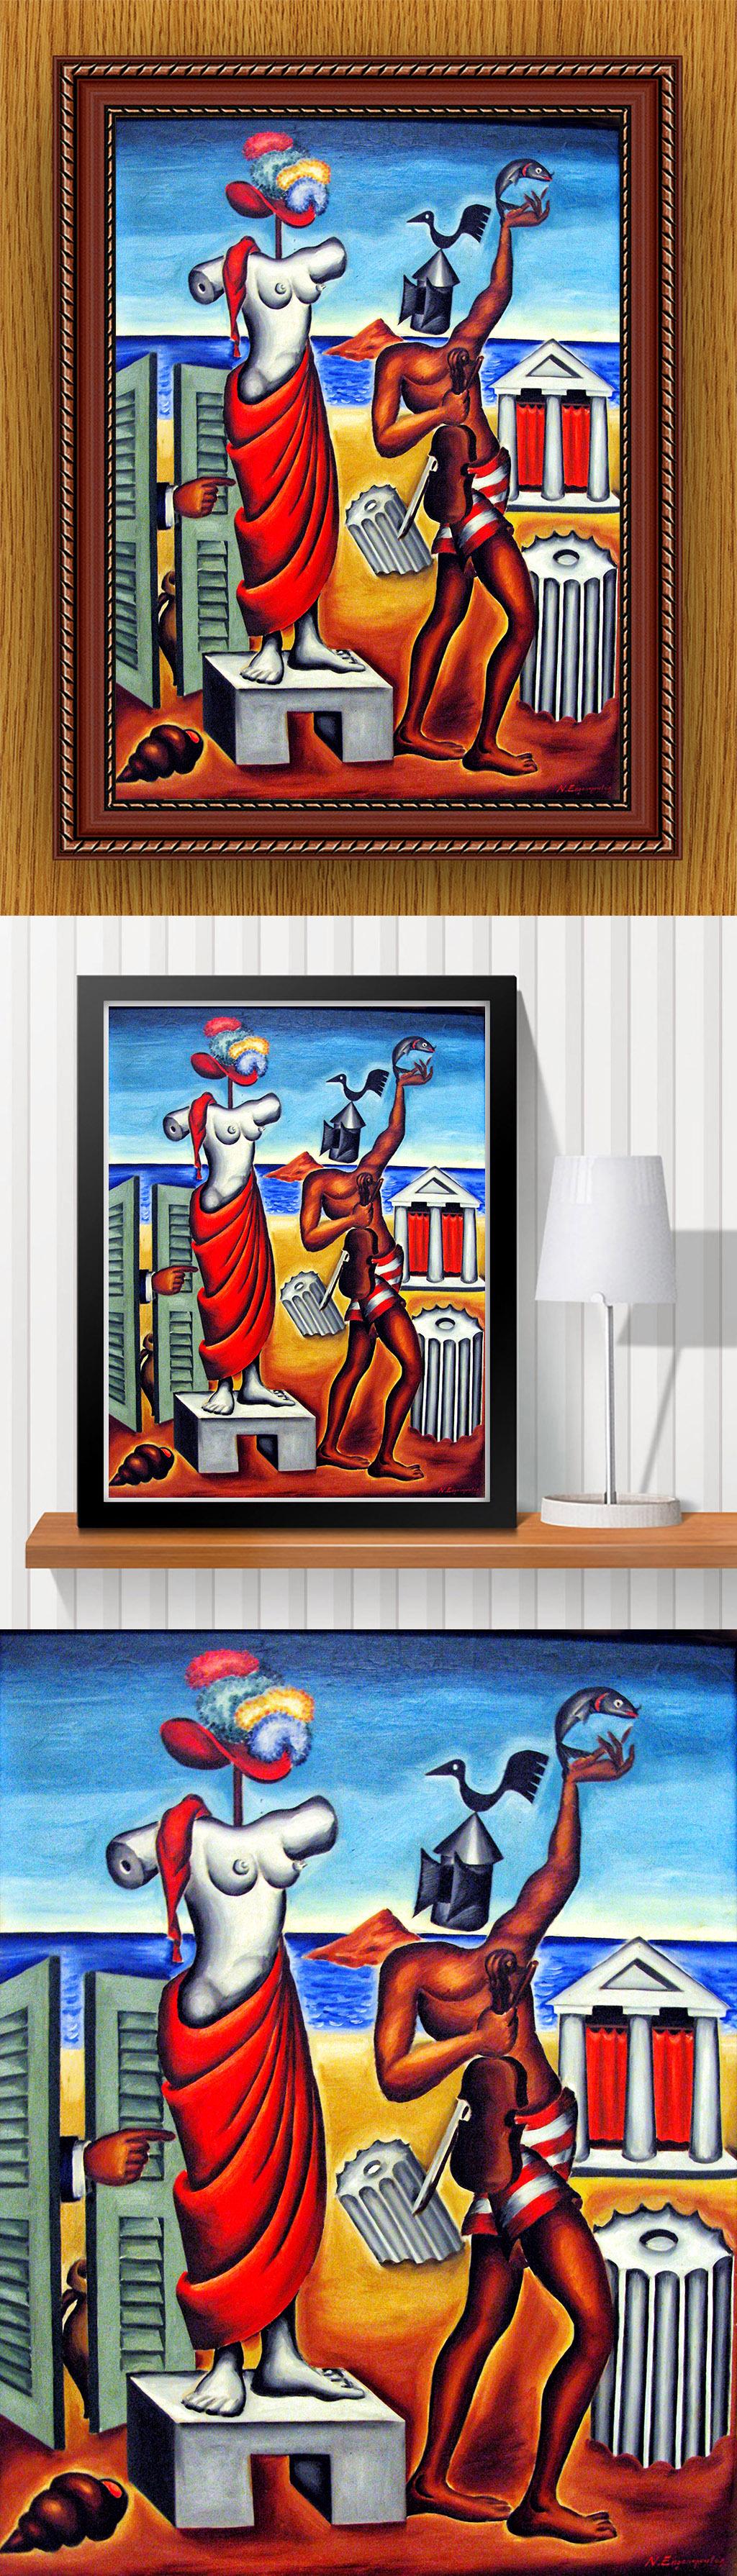 高清手绘现代风格抽象派人物油画